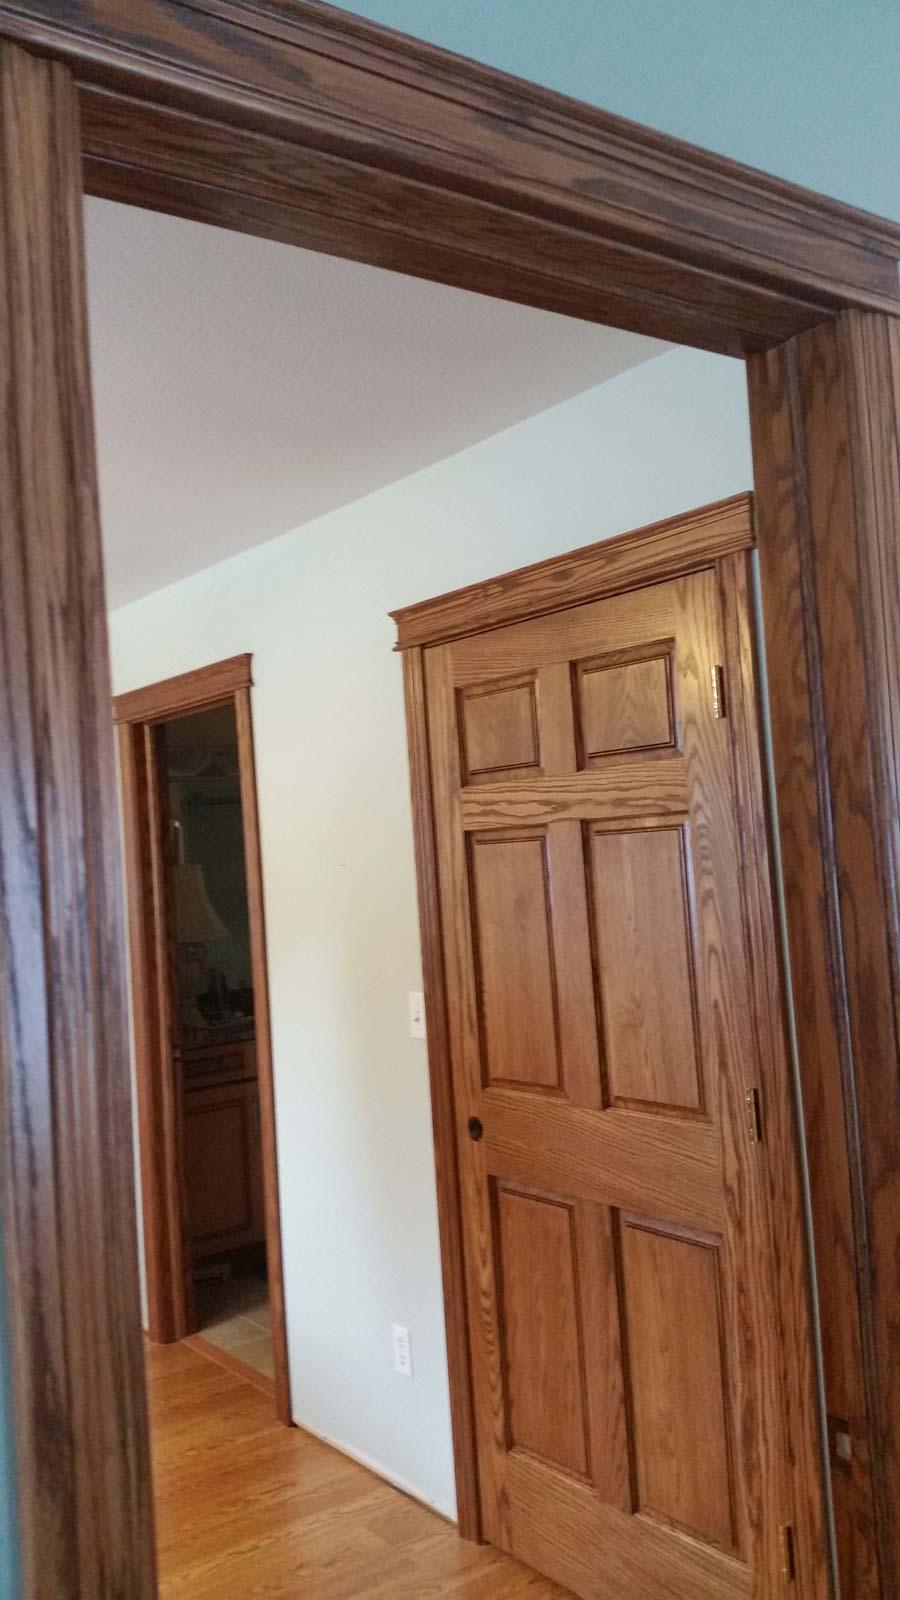 gallery-interior05.jpg